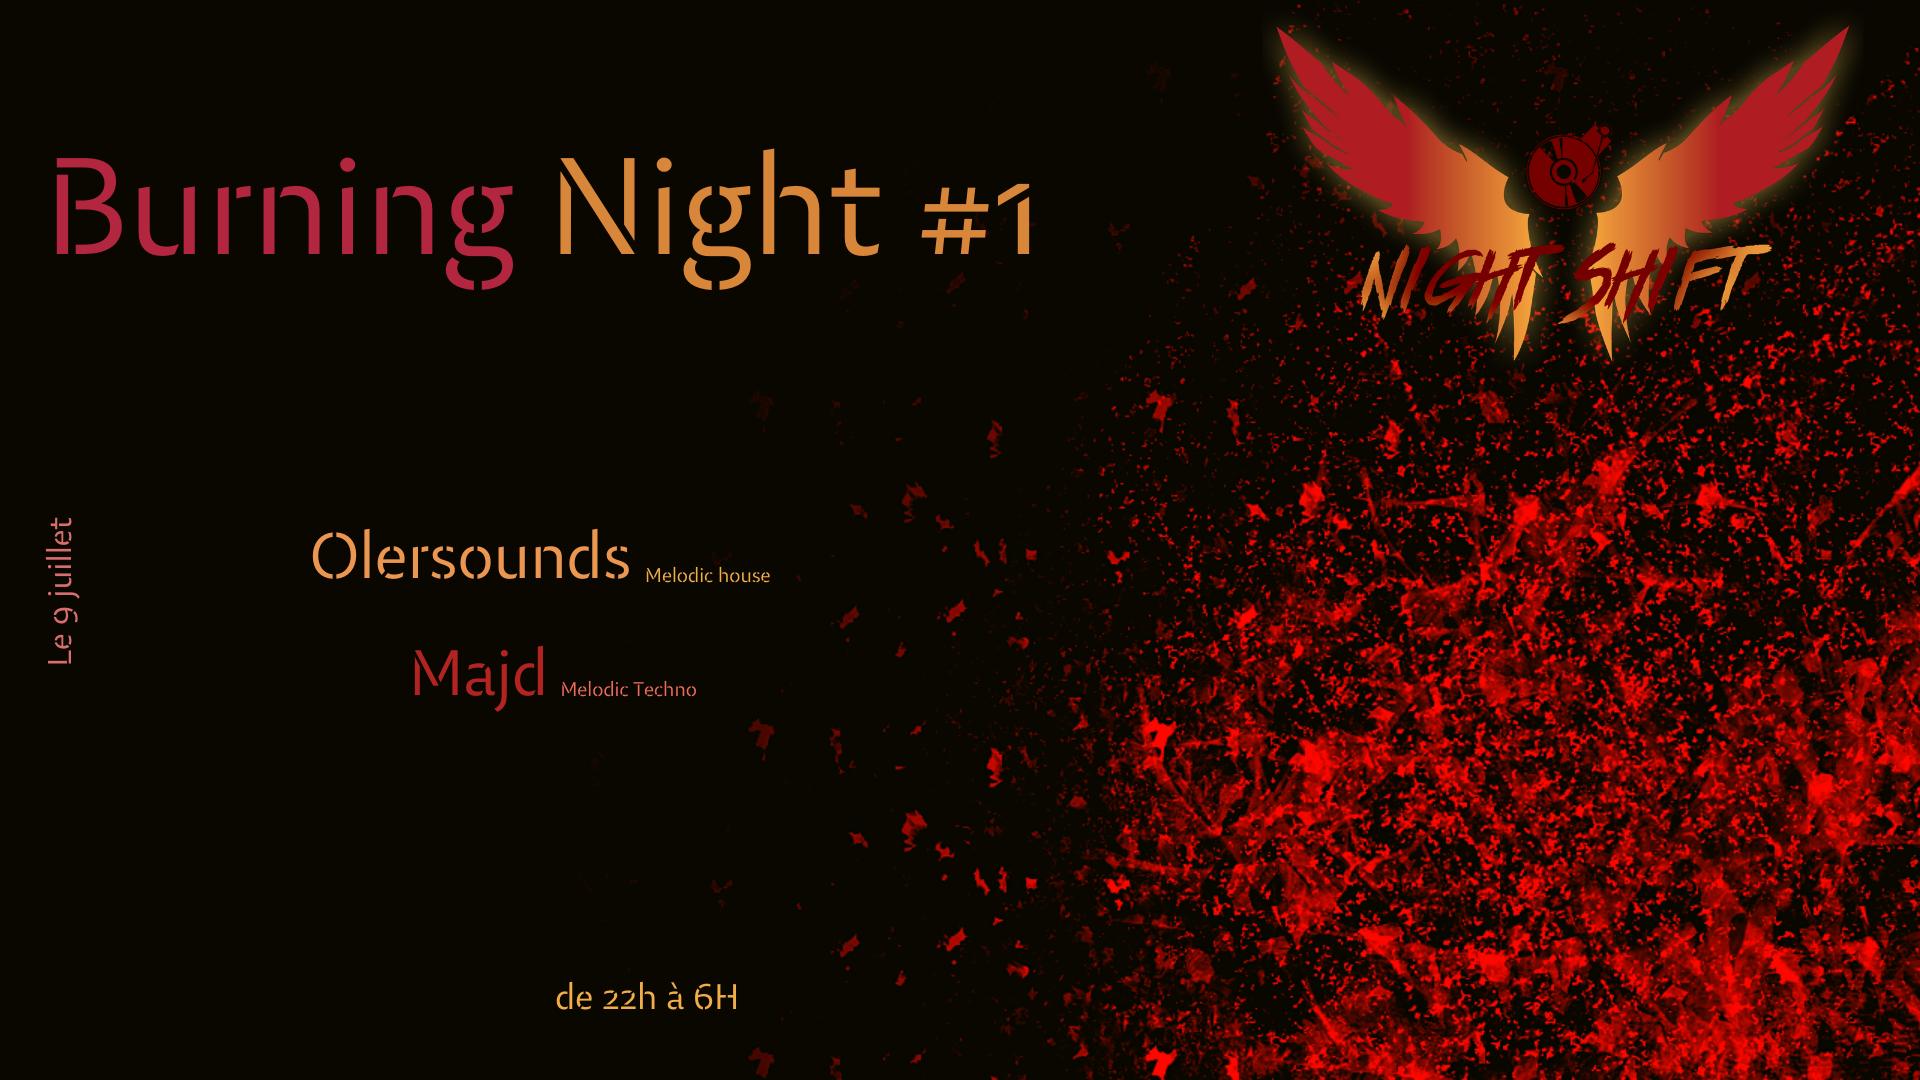 Burning Night #1 - Melodic House & Techno